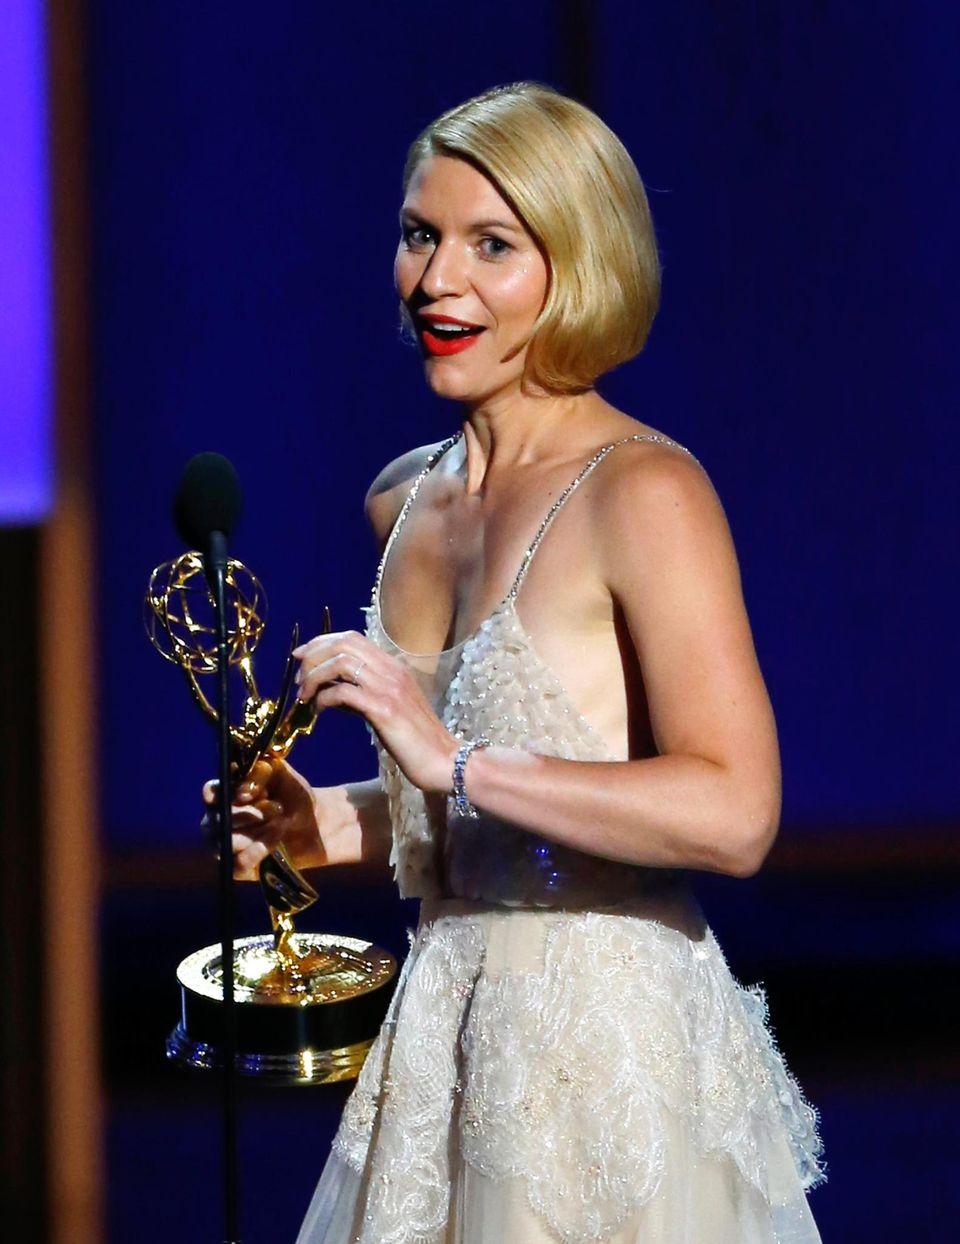 """Triumphaler Auftritt: Zum zweiten Mal in Folge gewann Claire Danes für """"Homeland"""" den Emmy als beste Schauspielerin - er gilt als wichtigster Fernsehpreis der Welt."""